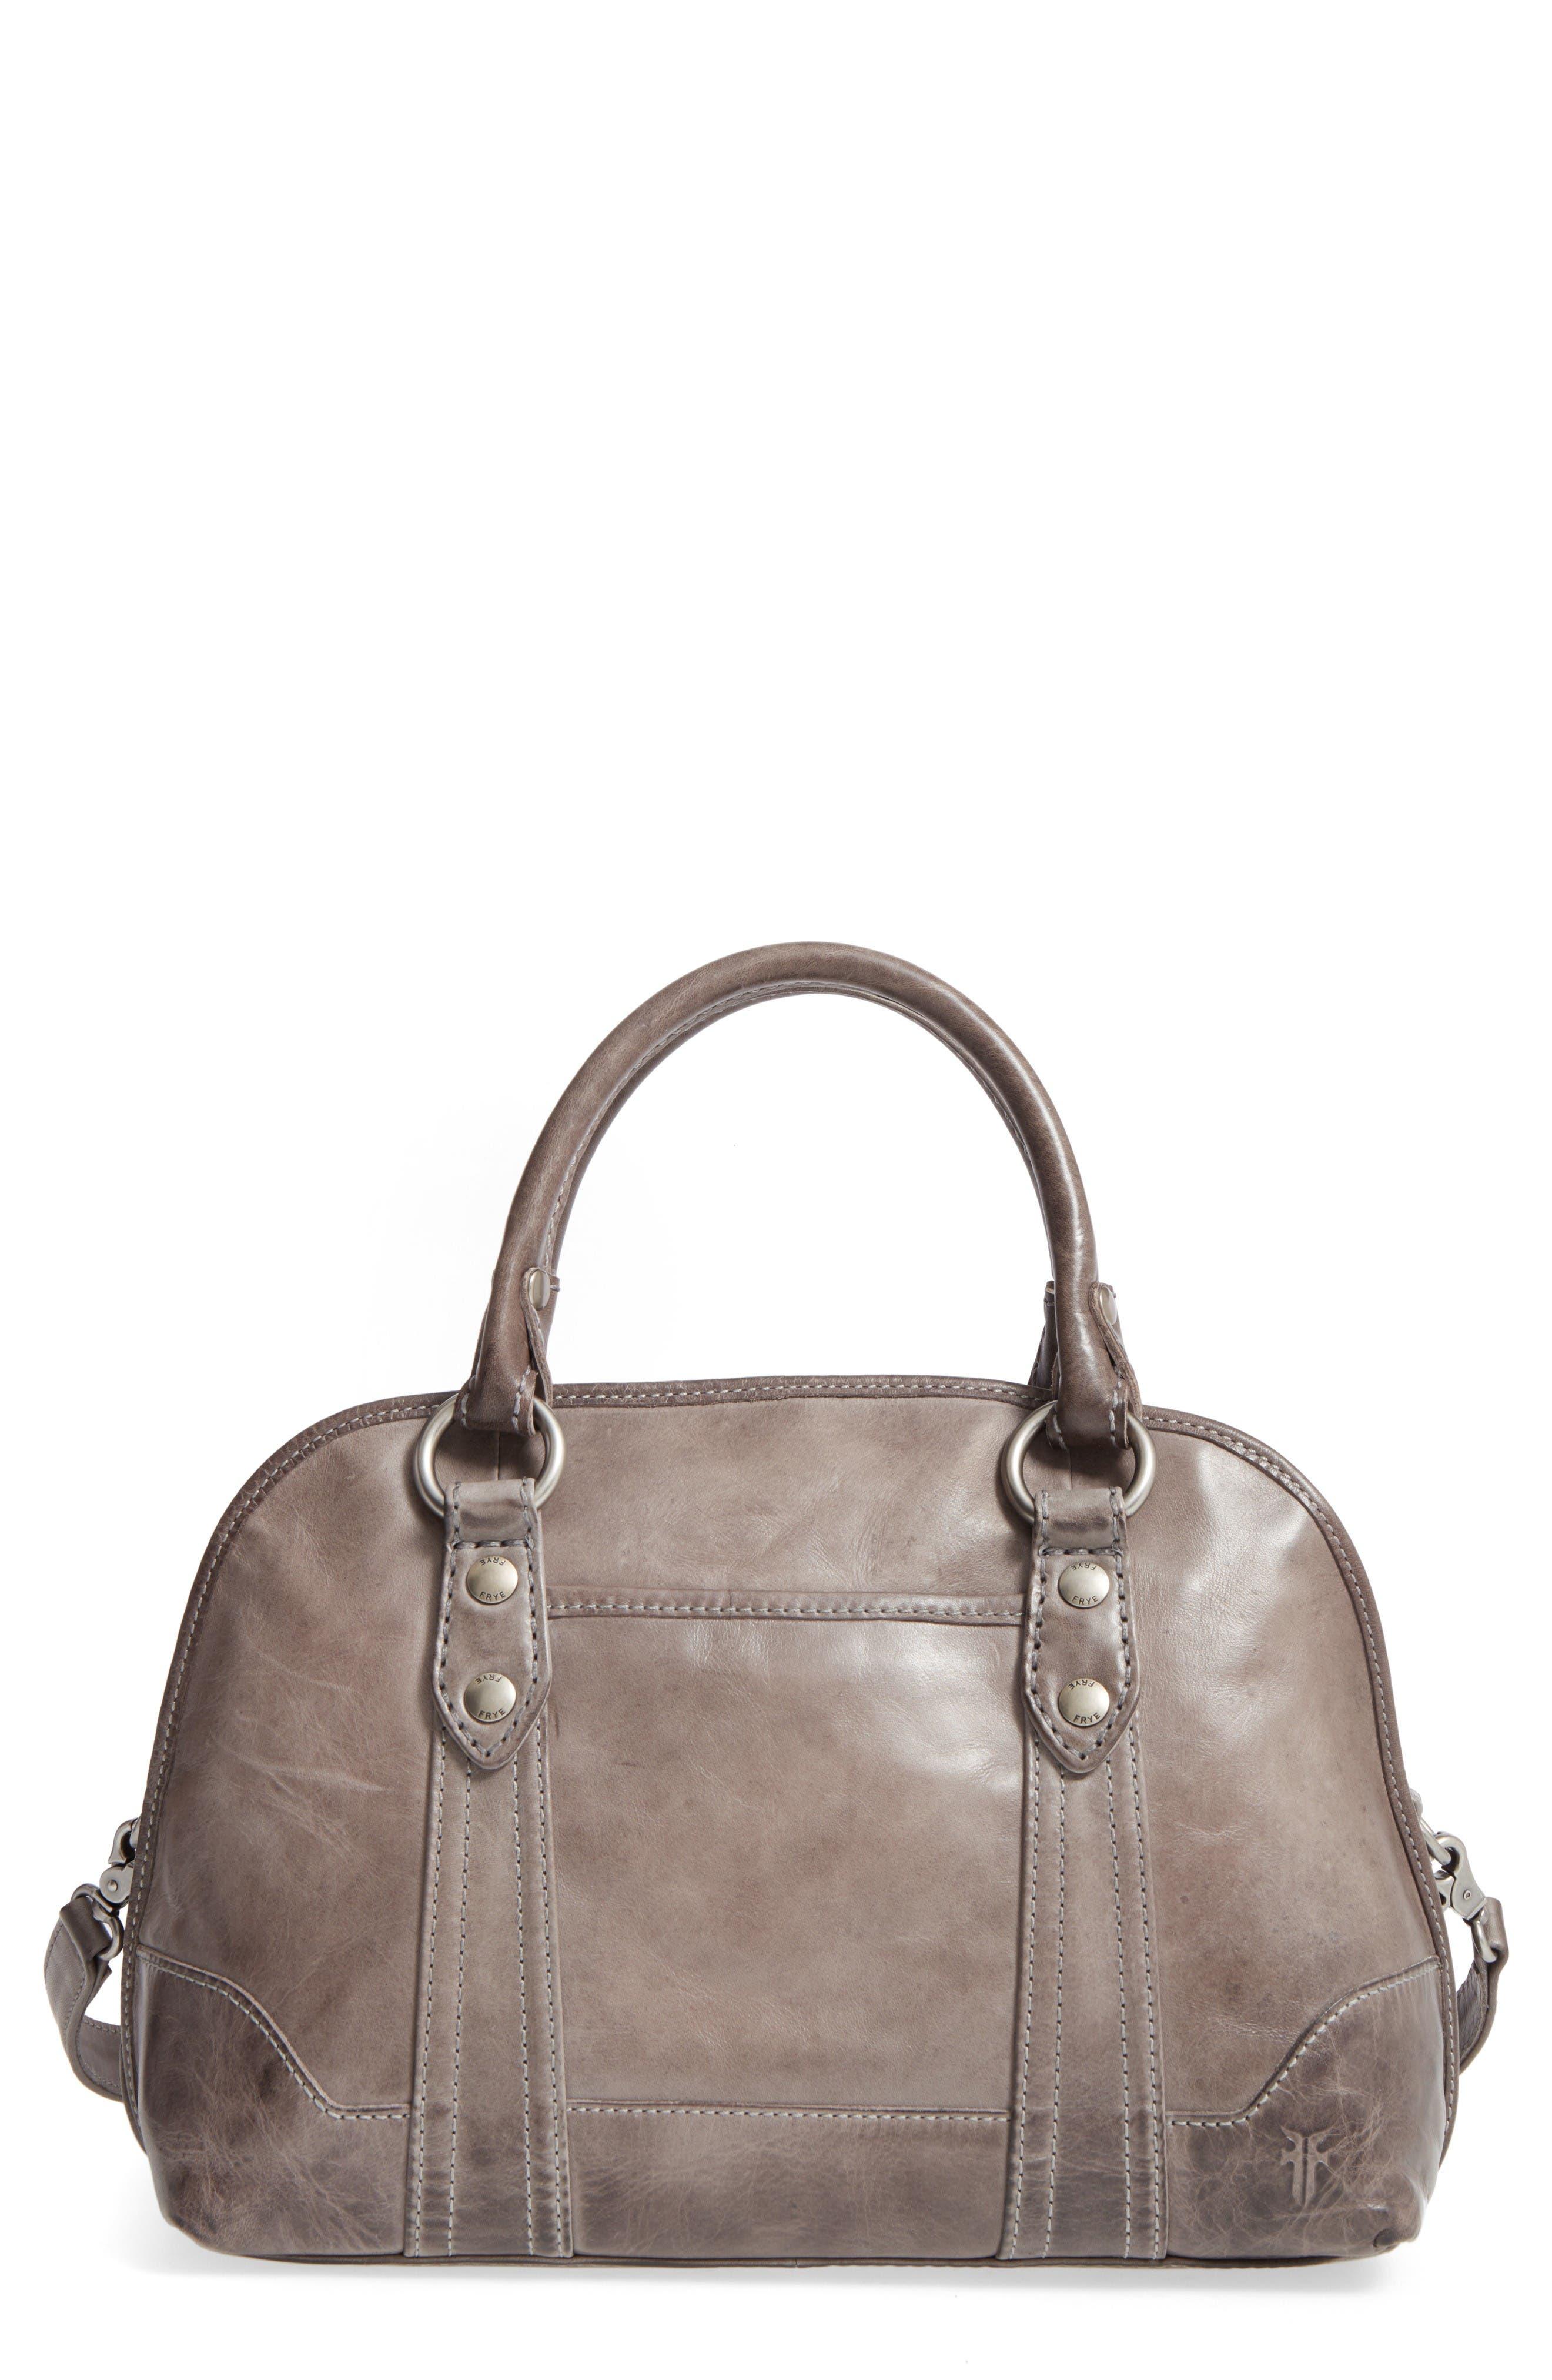 Alternate Image 1 Selected - Frye 'Melissa' Domed Leather Satchel